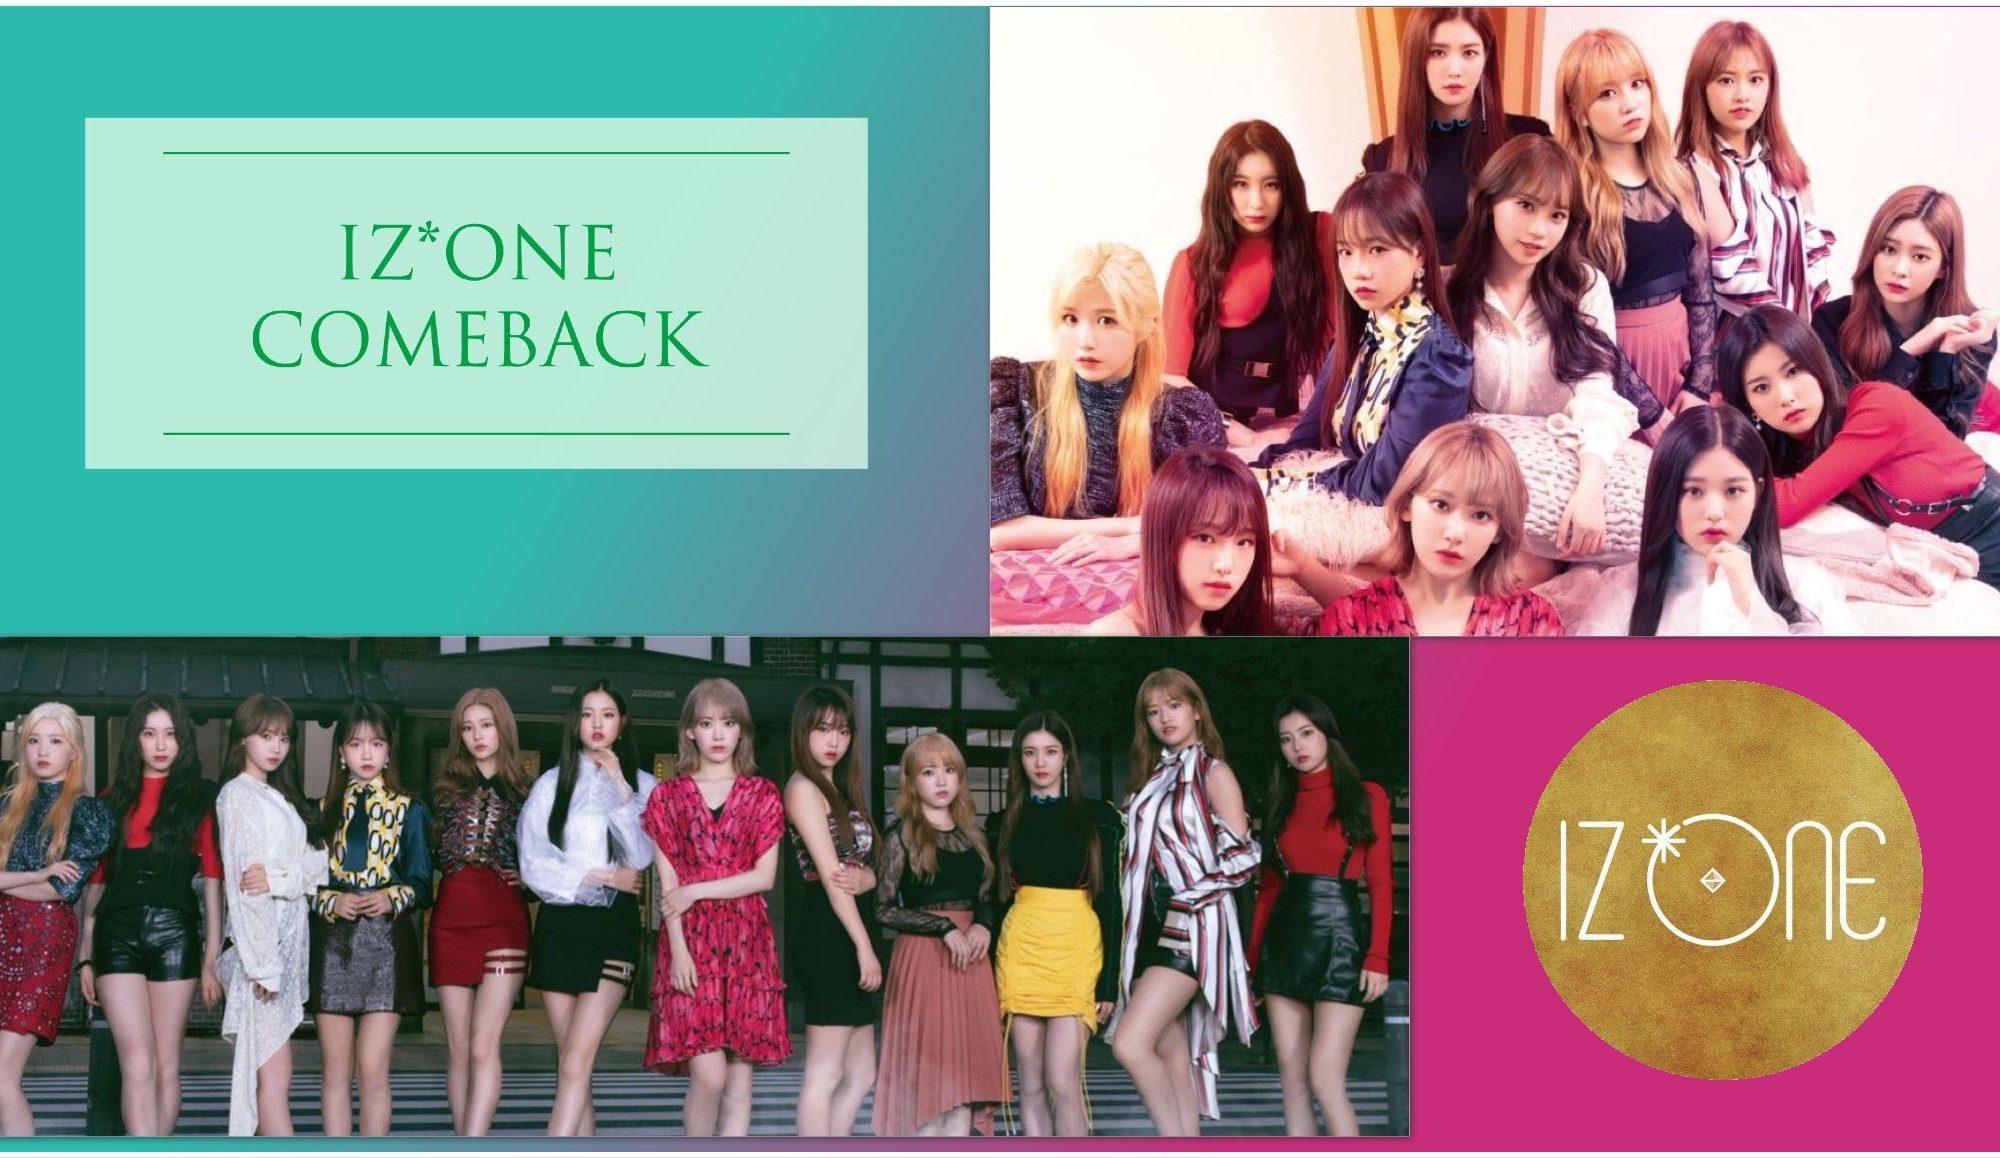 IZ*ONE Comeback